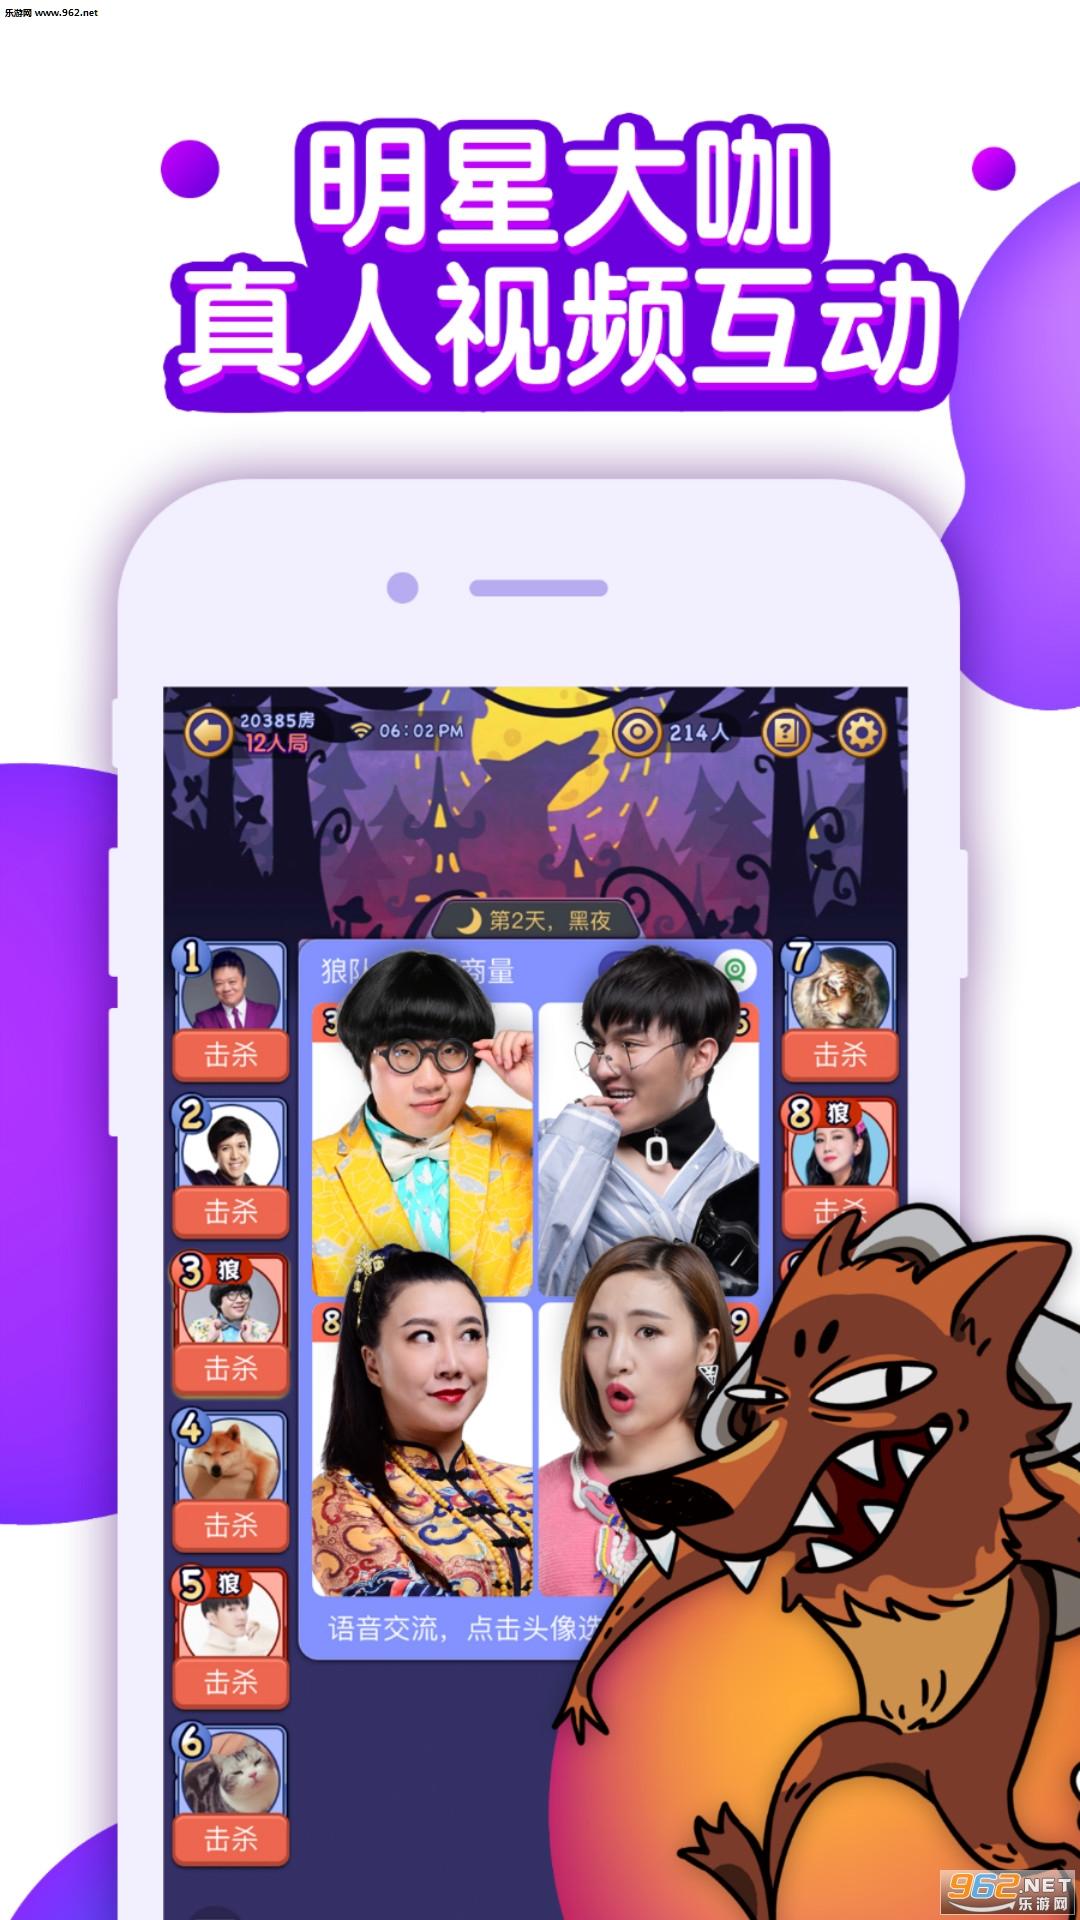 饭局狼人杀破解版 饭局狼人杀app下载v2.0.0 乐游网安卓下载